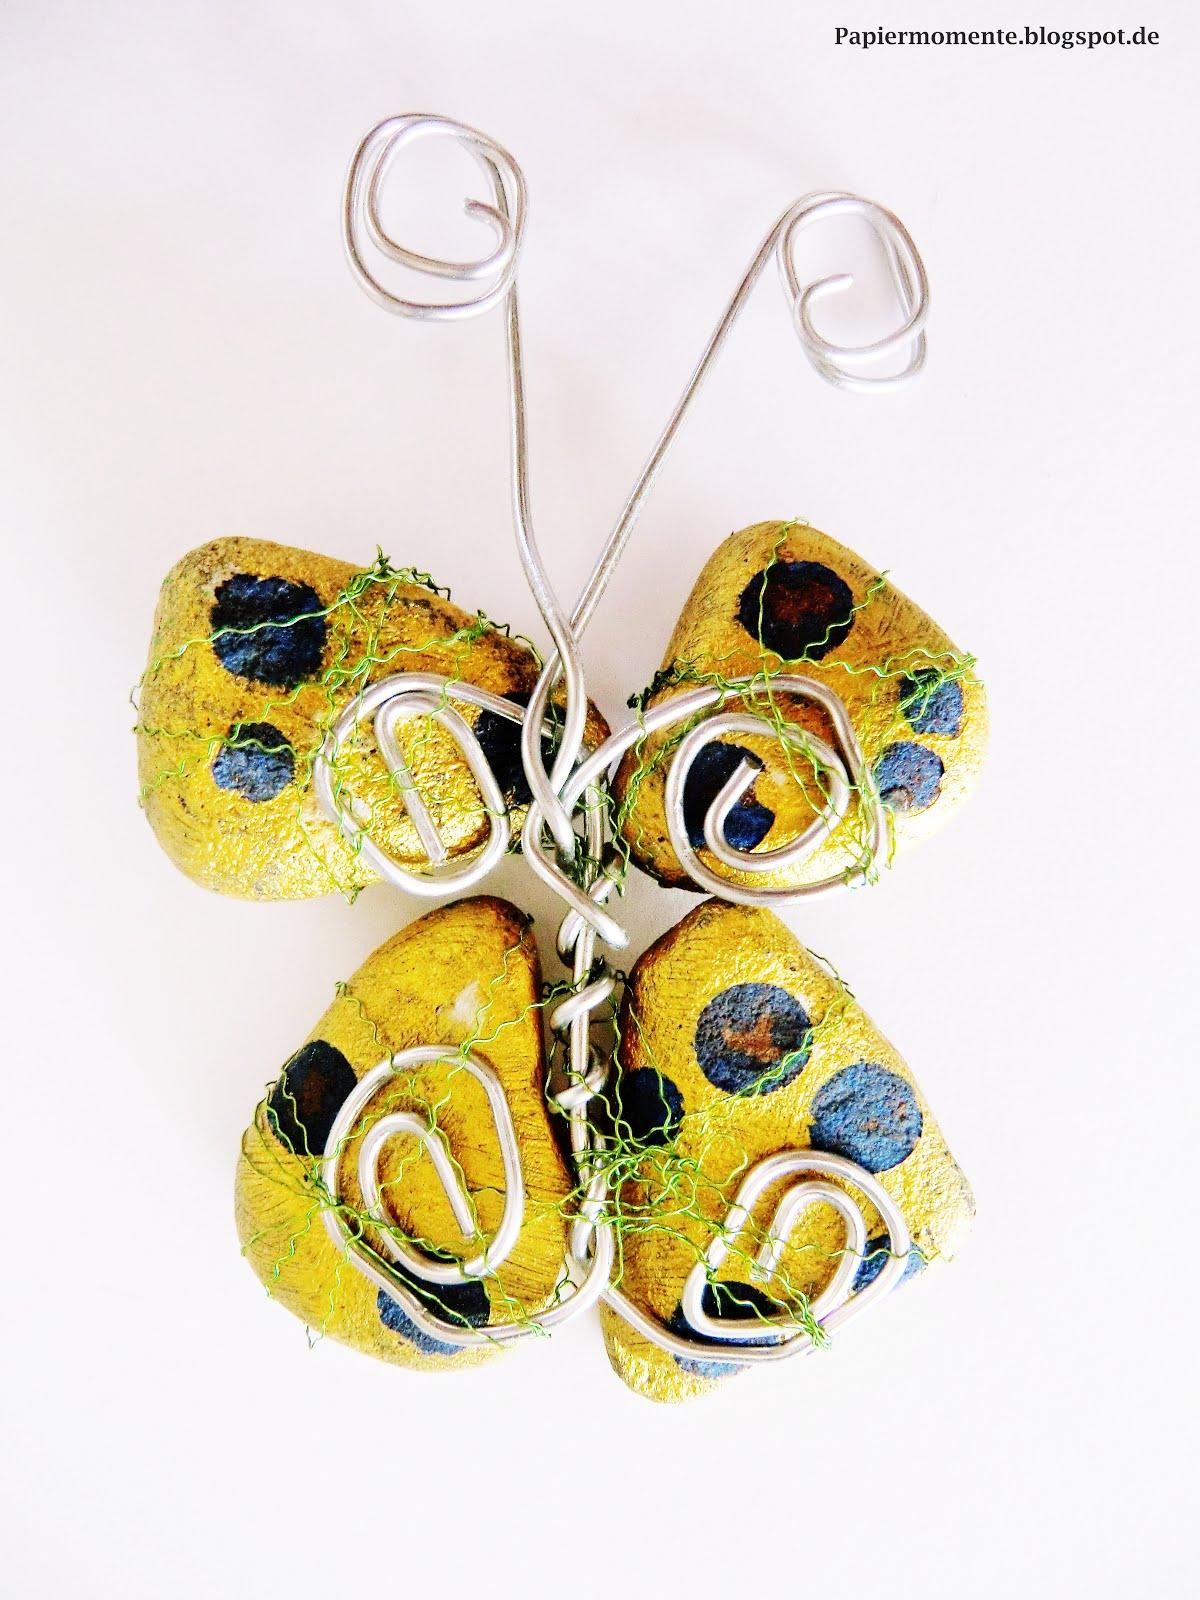 ... lassen und fertig ist der wunderschöne Schmetterling aus Steinen